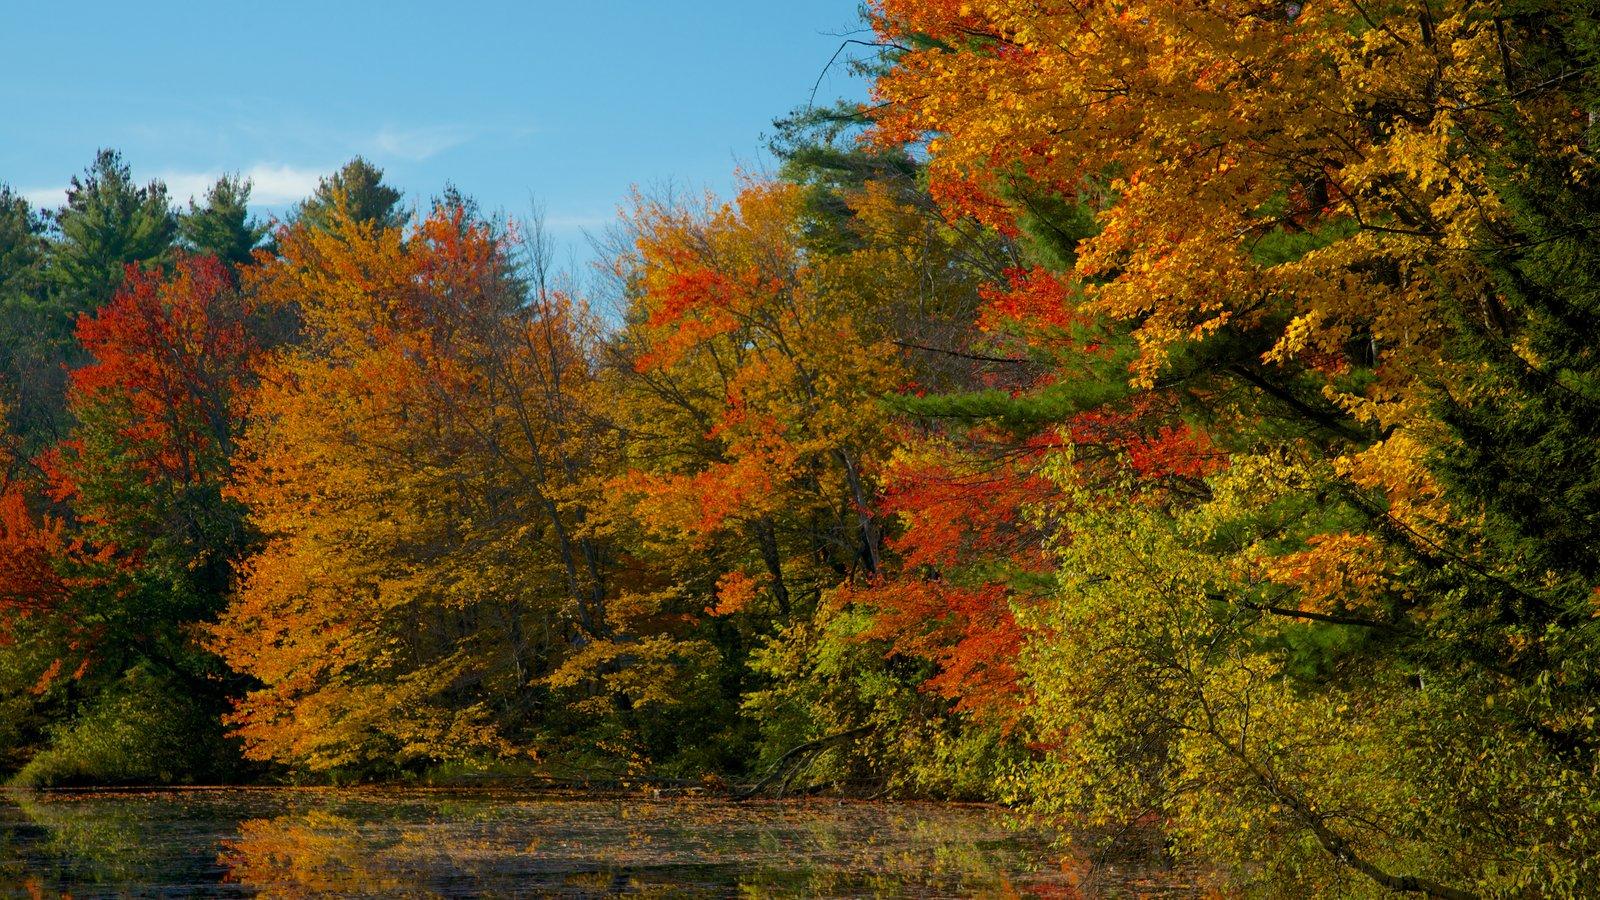 Conway caracterizando cores do outono, um jardim e um rio ou córrego